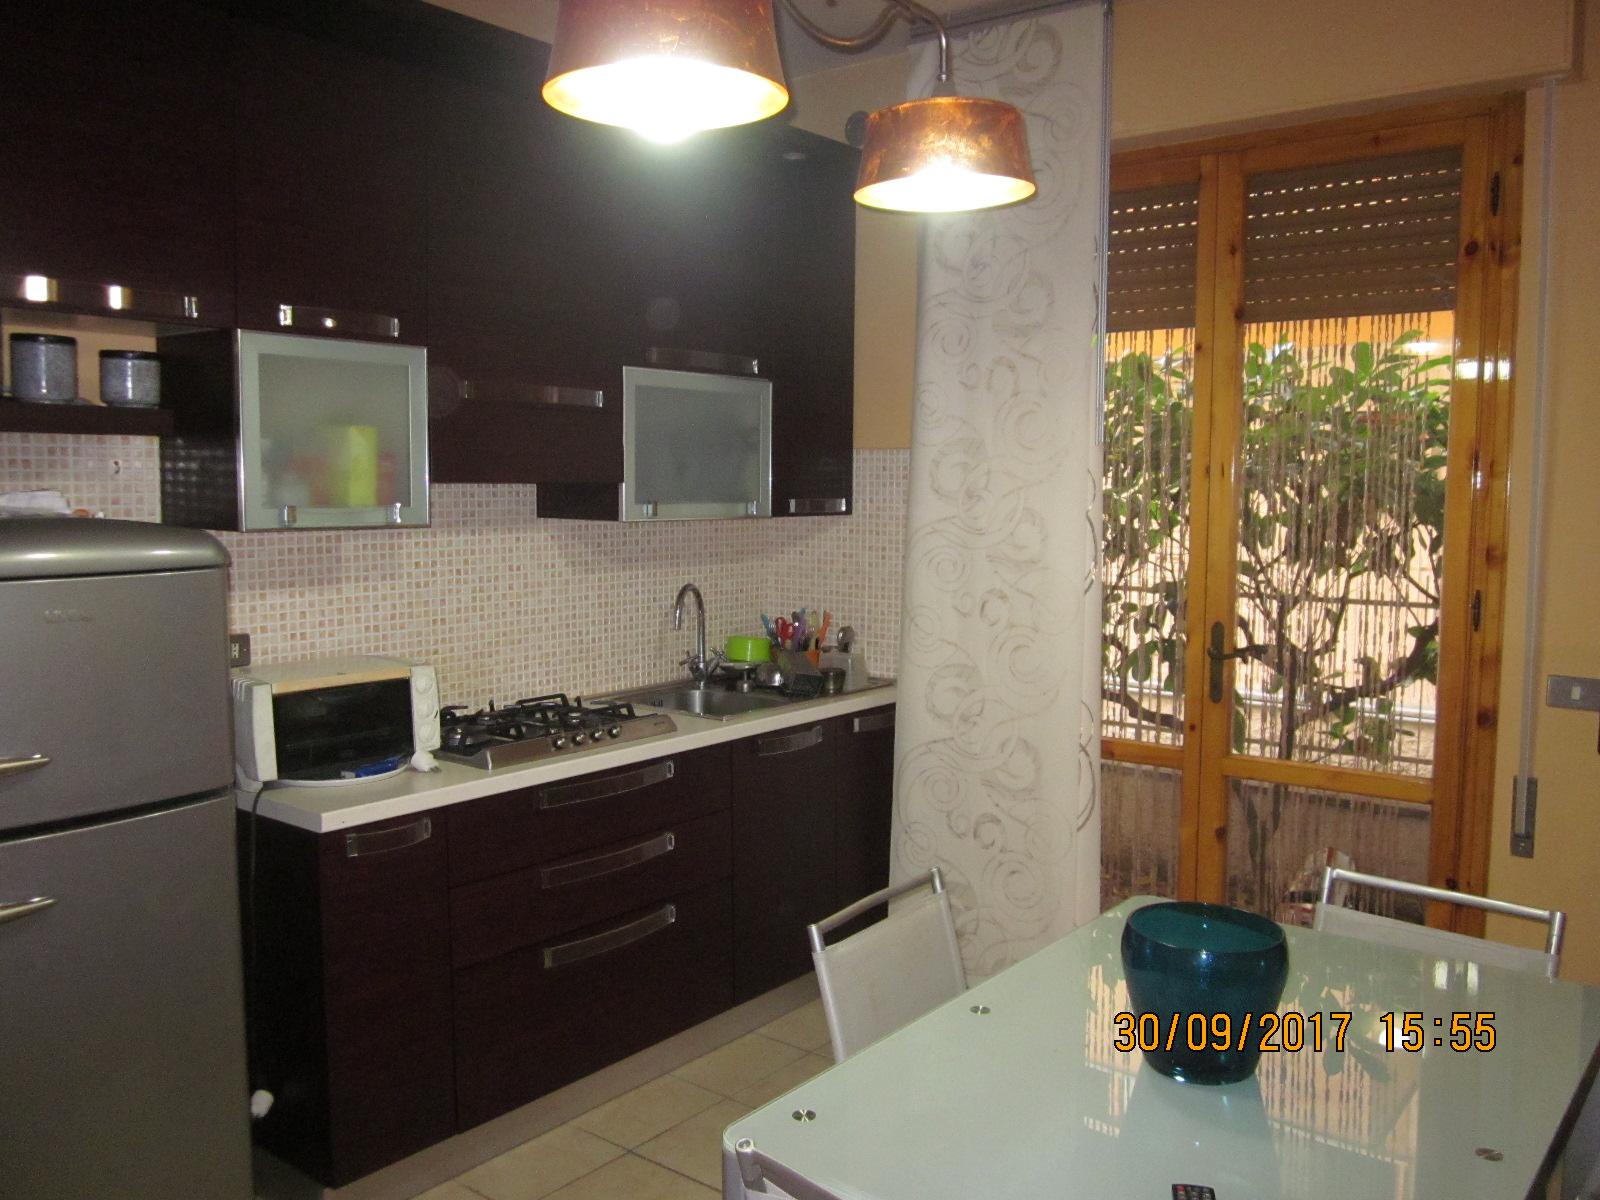 Appartamento in affitto a Viareggio, 3 locali, zona Località: Darsena/CampoDaviazione, prezzo € 500 | CambioCasa.it